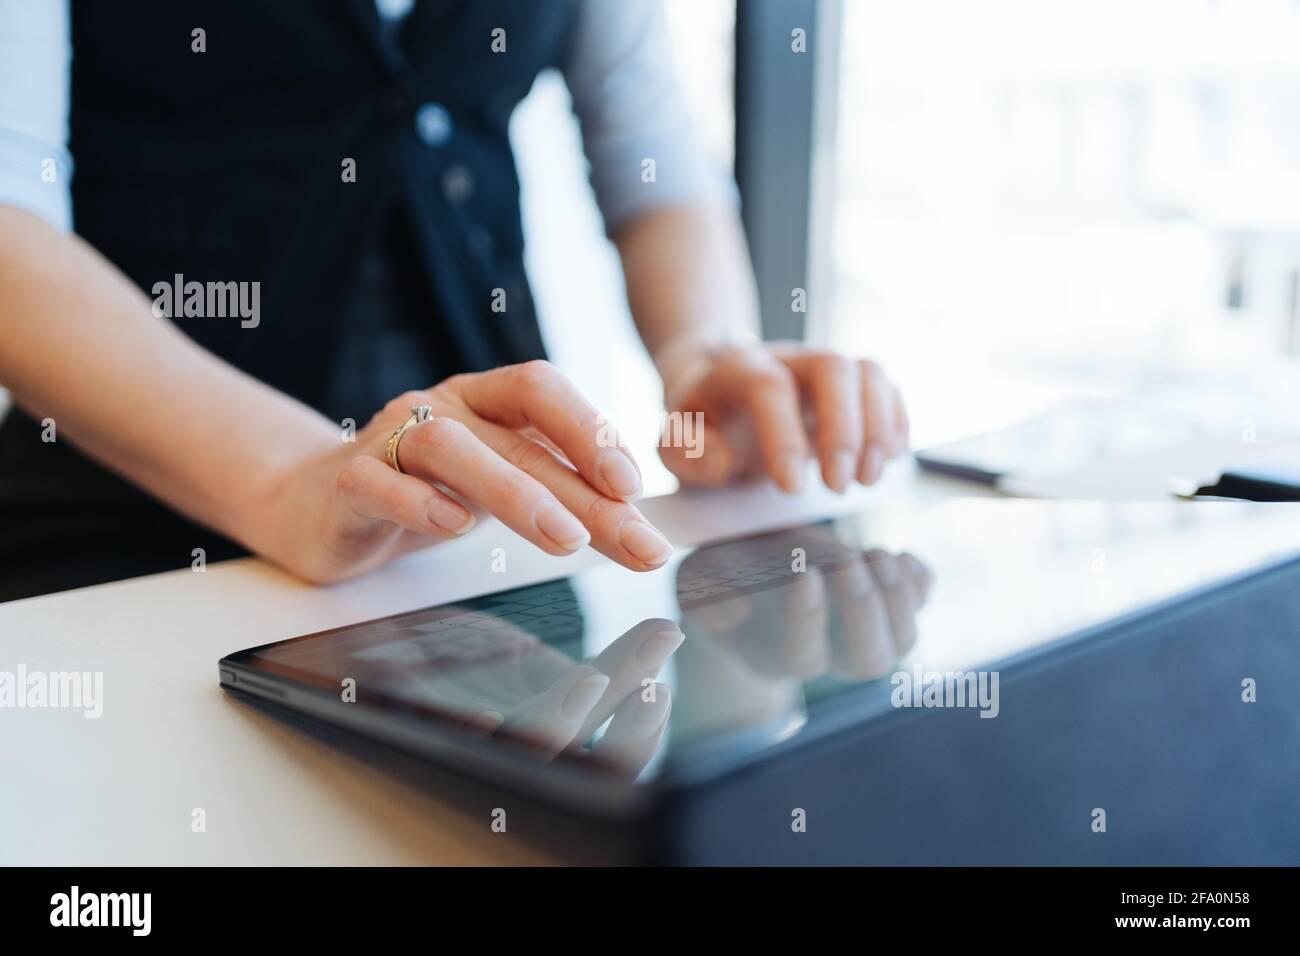 Femme doigts tapant sur l'écran de la tablette . Utilisation des technologies Banque D'Images